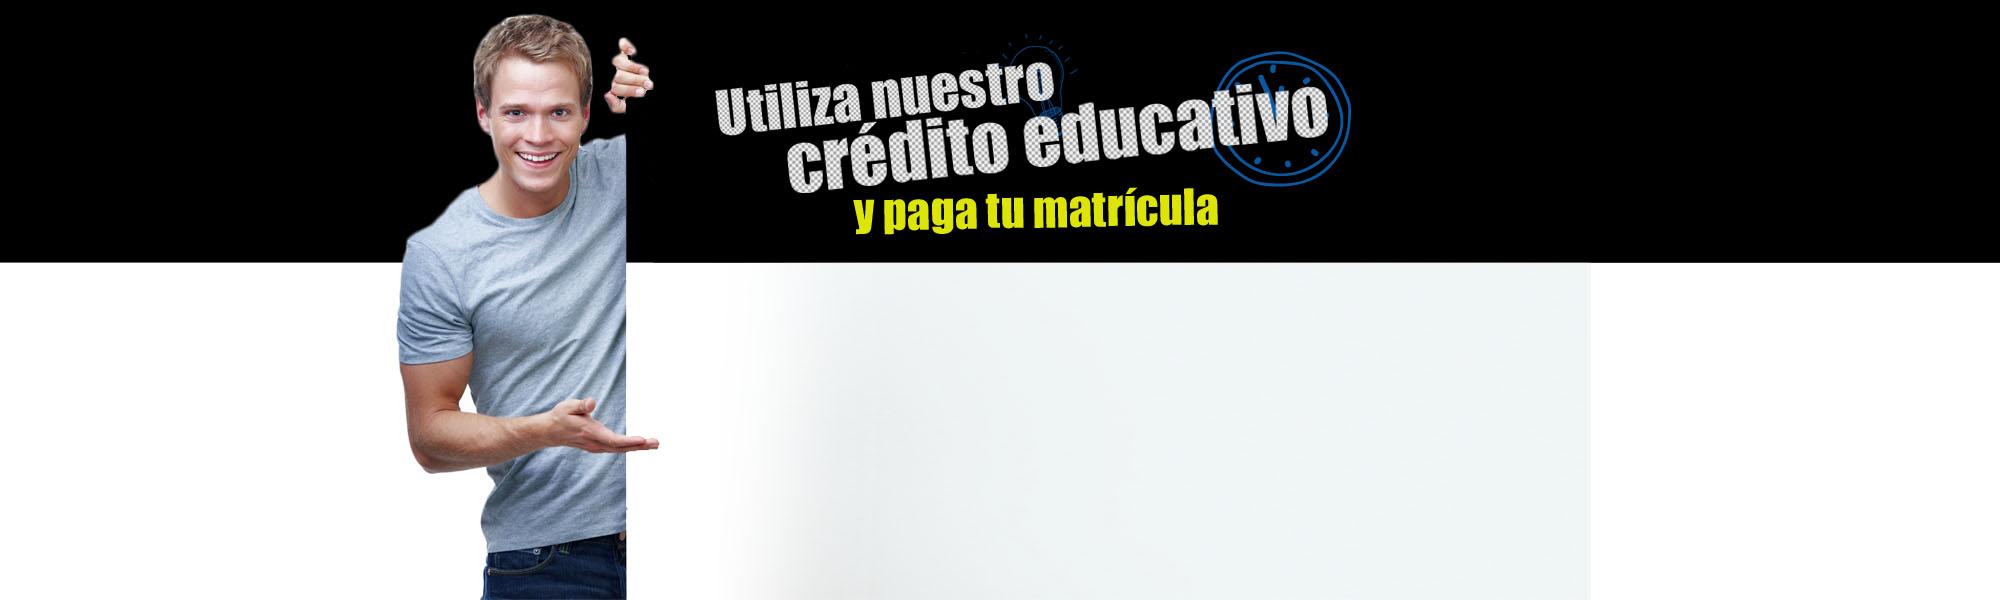 credito_edu_2015